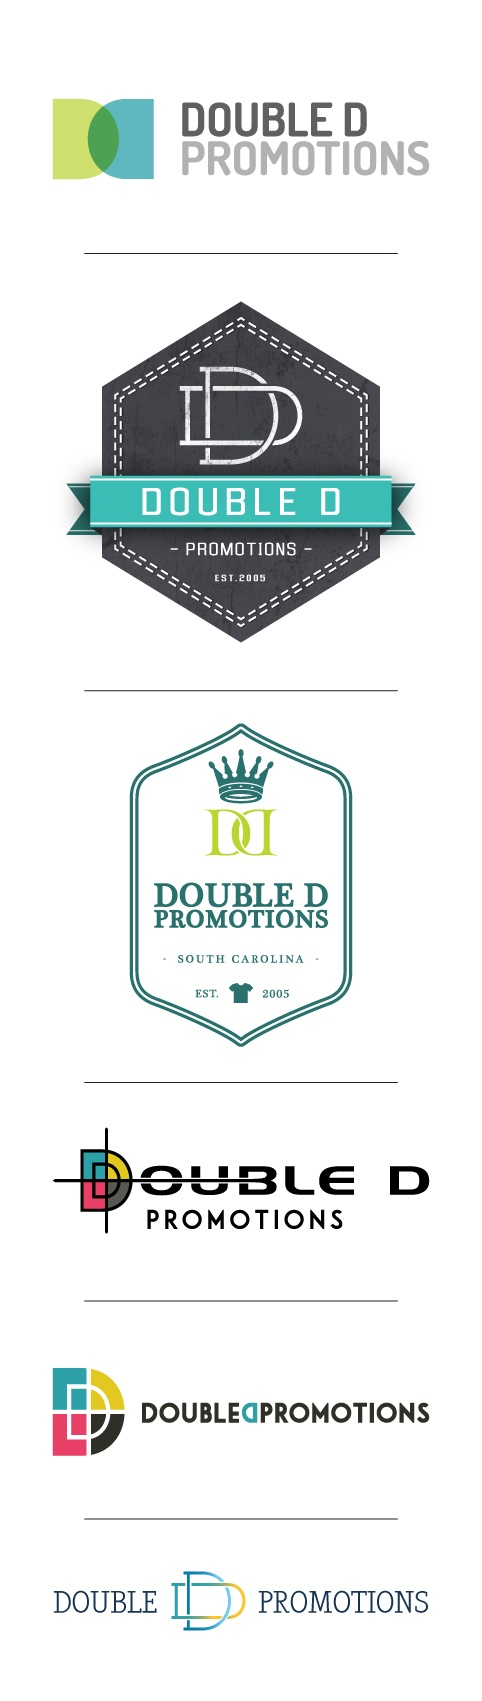 Double D Promotions - DesAutels Designs | logo development process